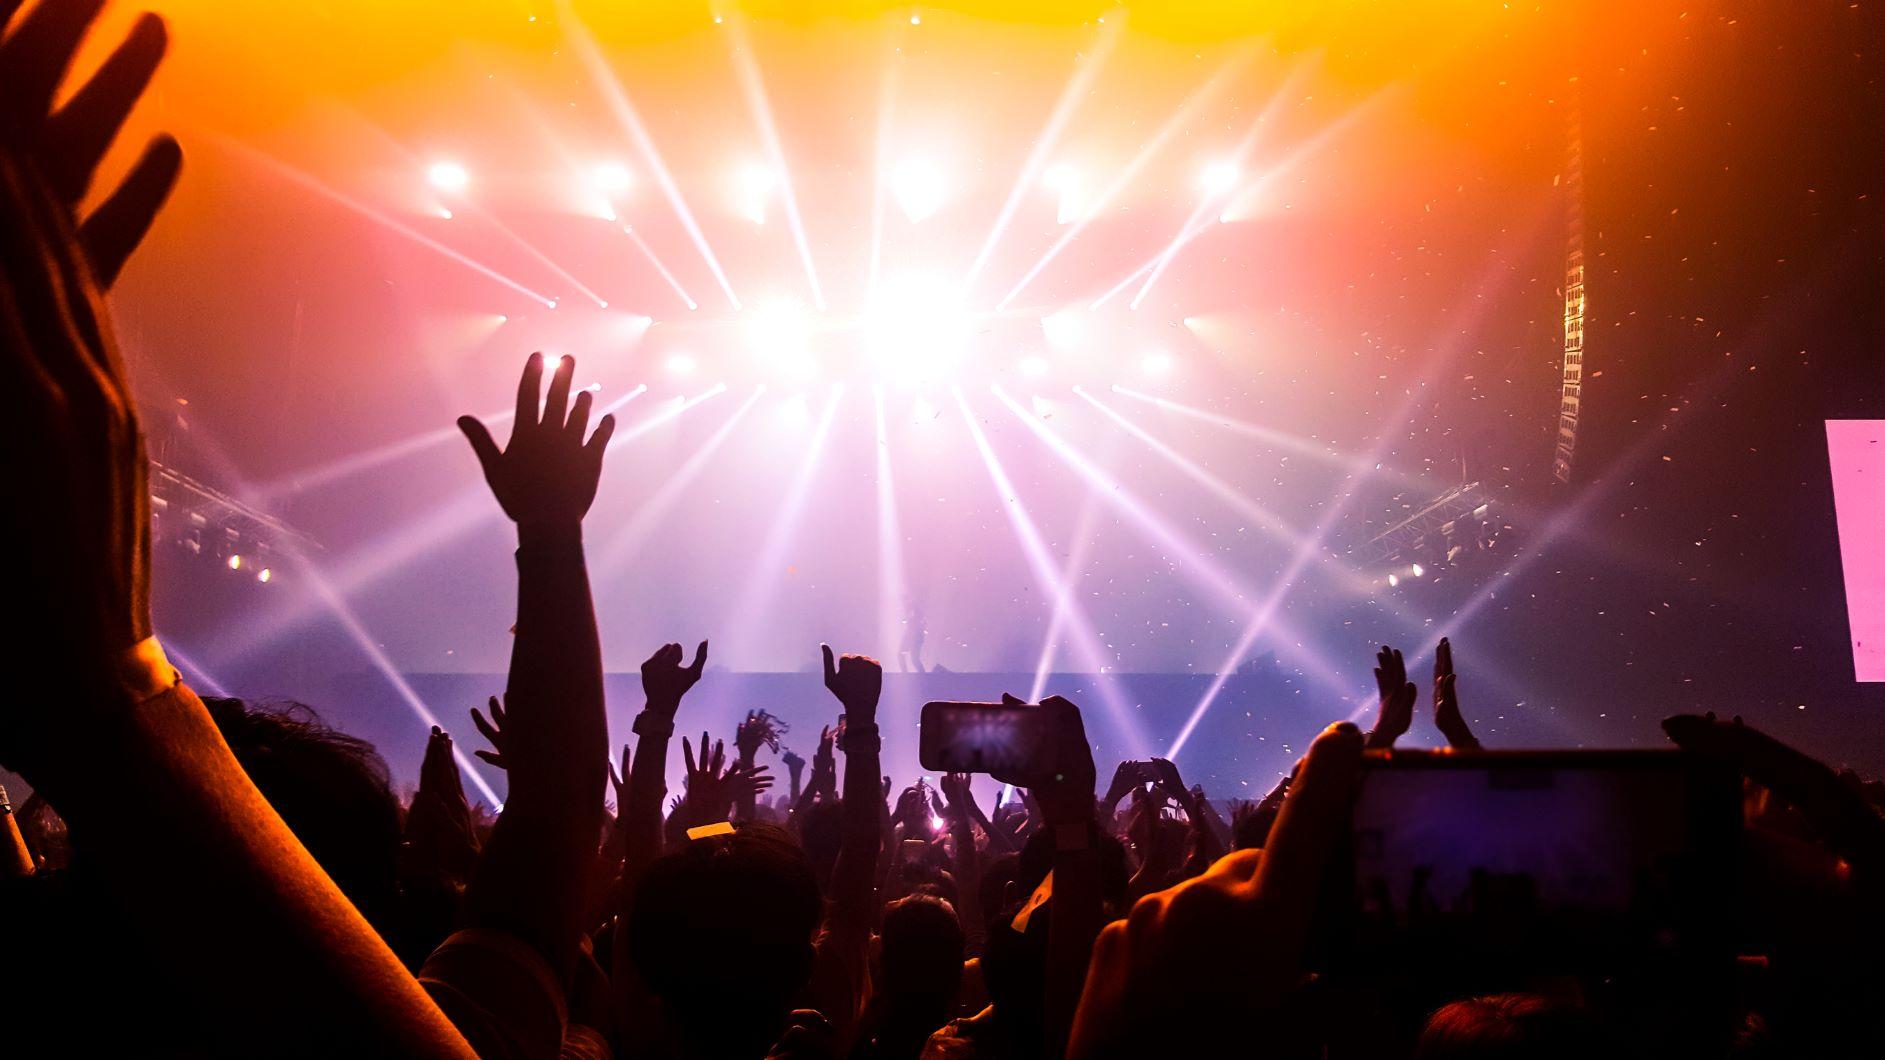 Faires Verhalten auf Konzerten und Festivals – So geht's